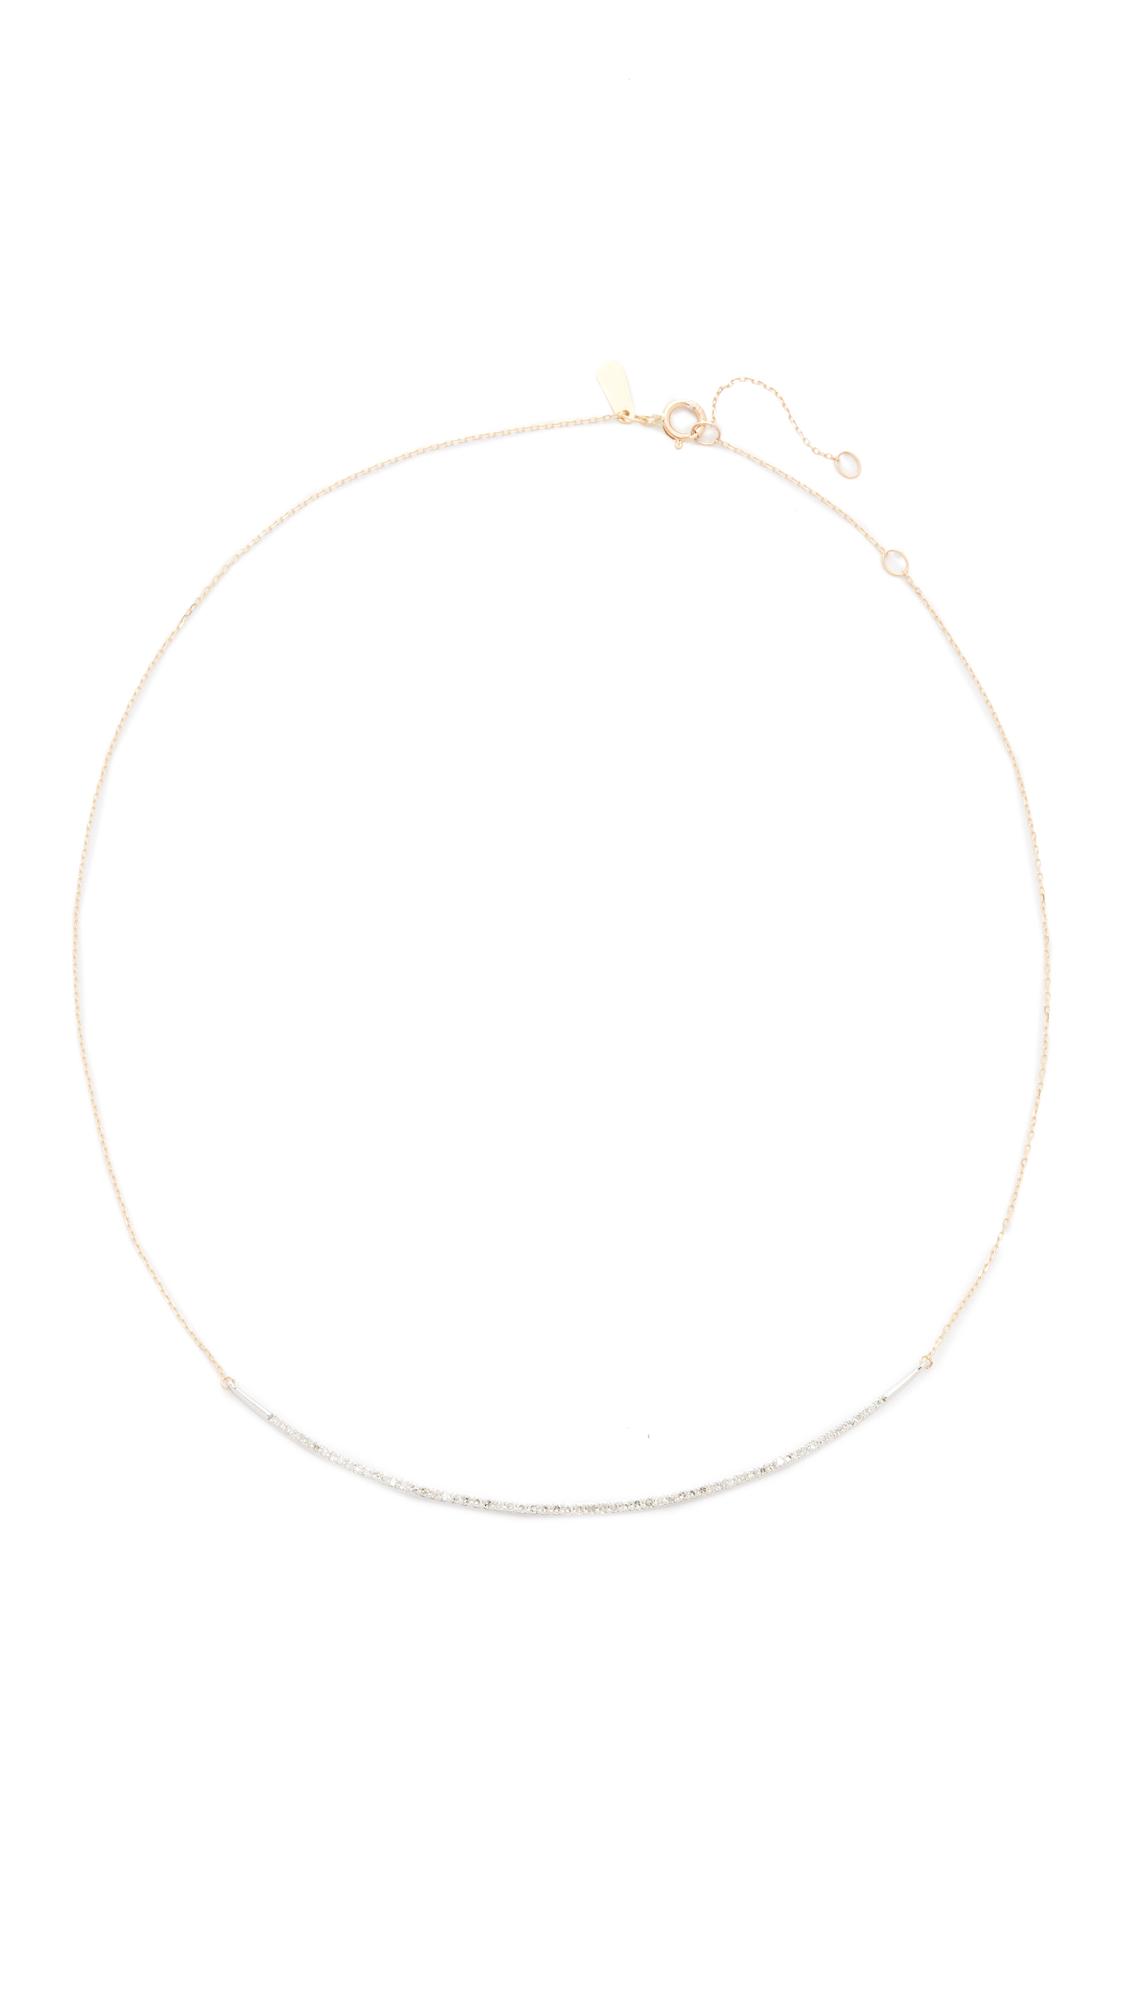 Adina Reyter 14k Gold Pave Curve Collar Necklace - Mixed Metals